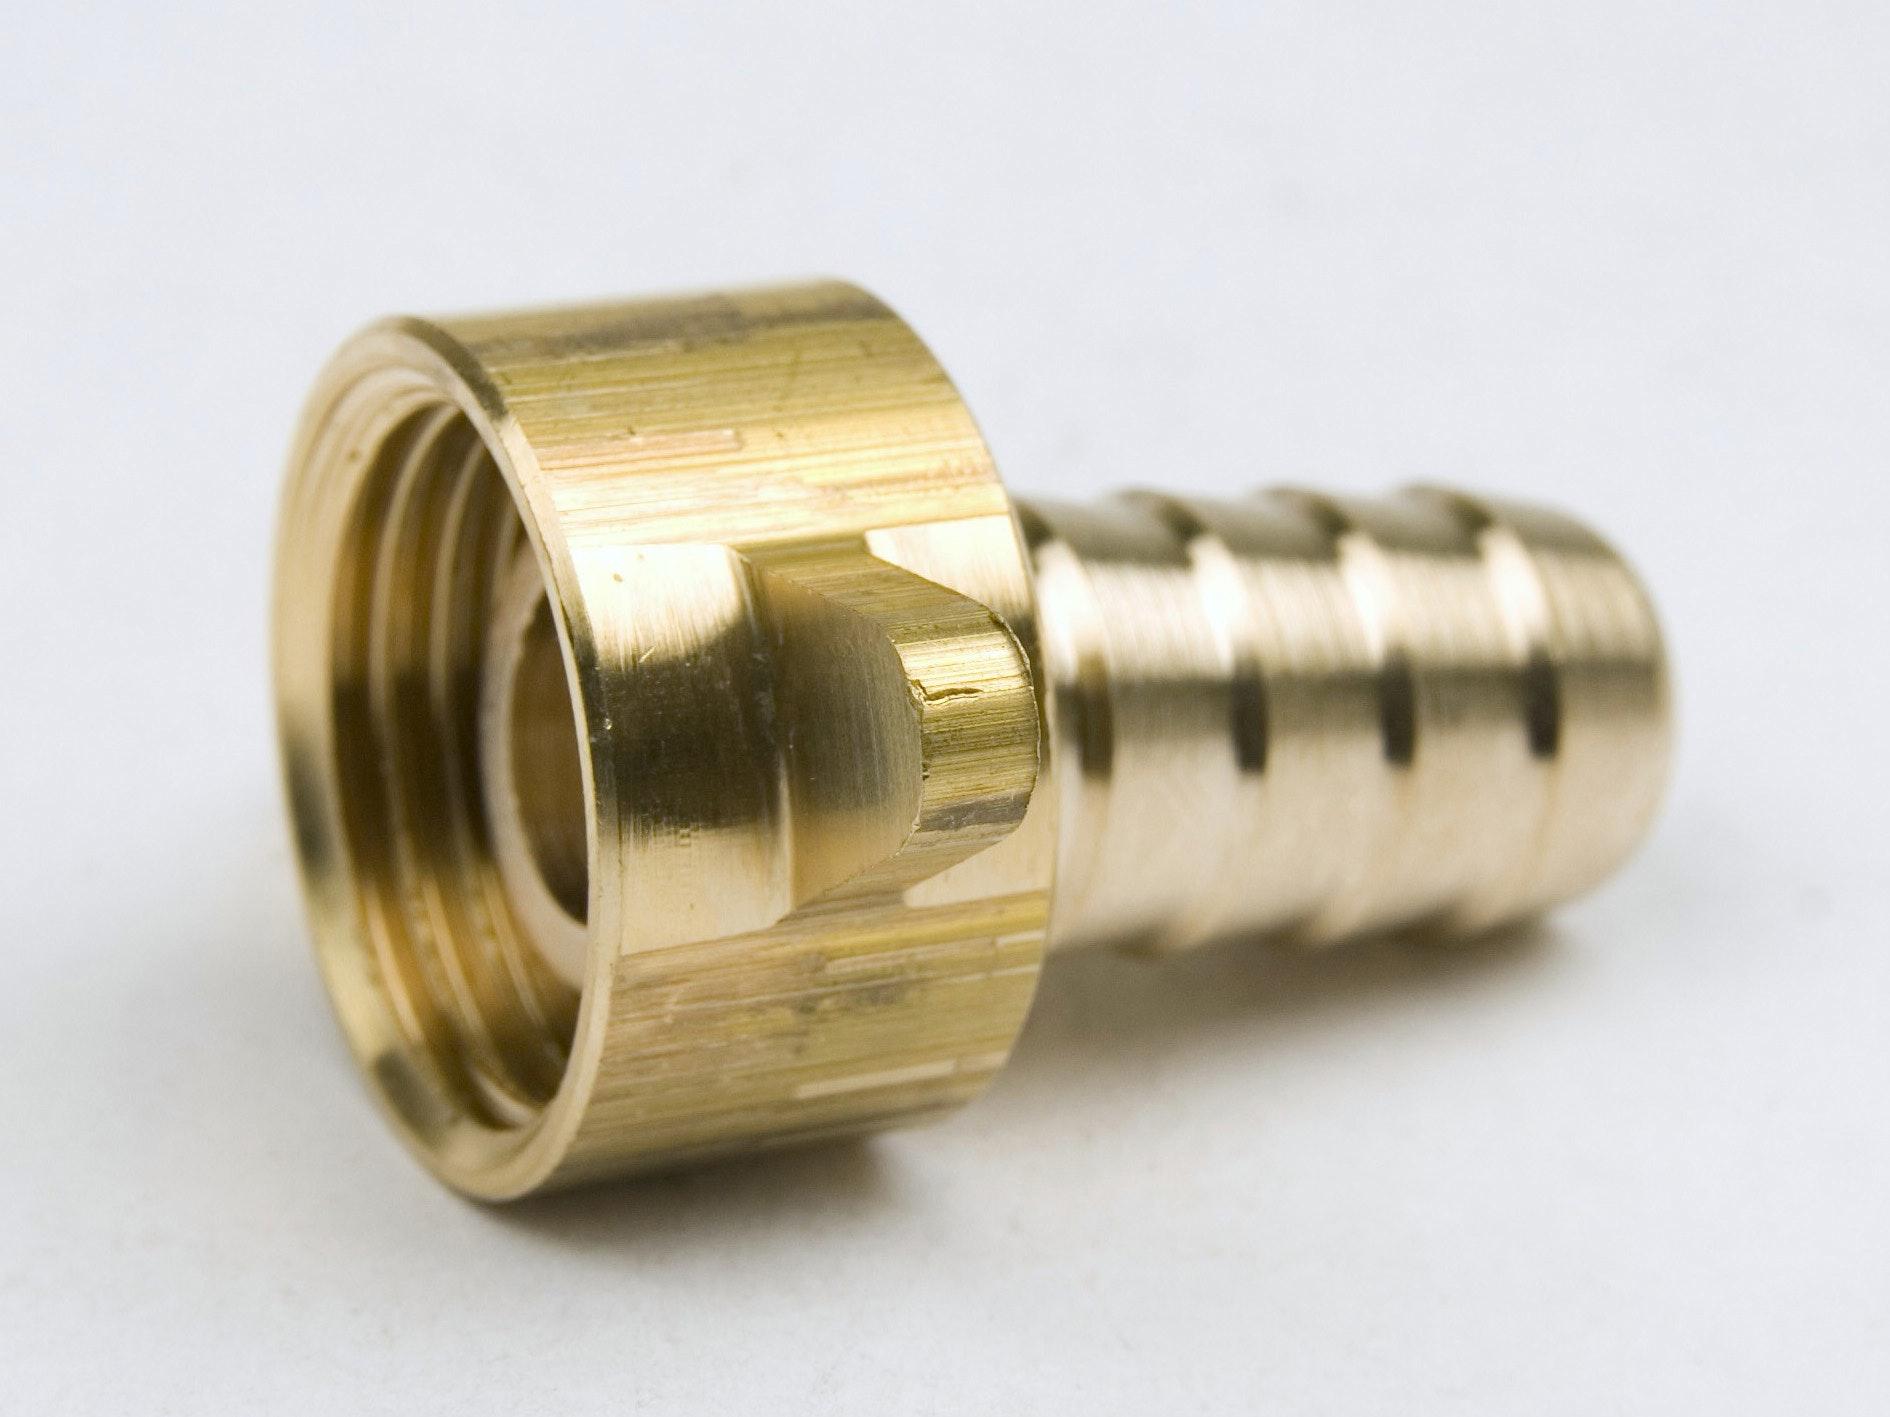 Slangkoppling GG Carat 1/2Xr15 Invändig 40516